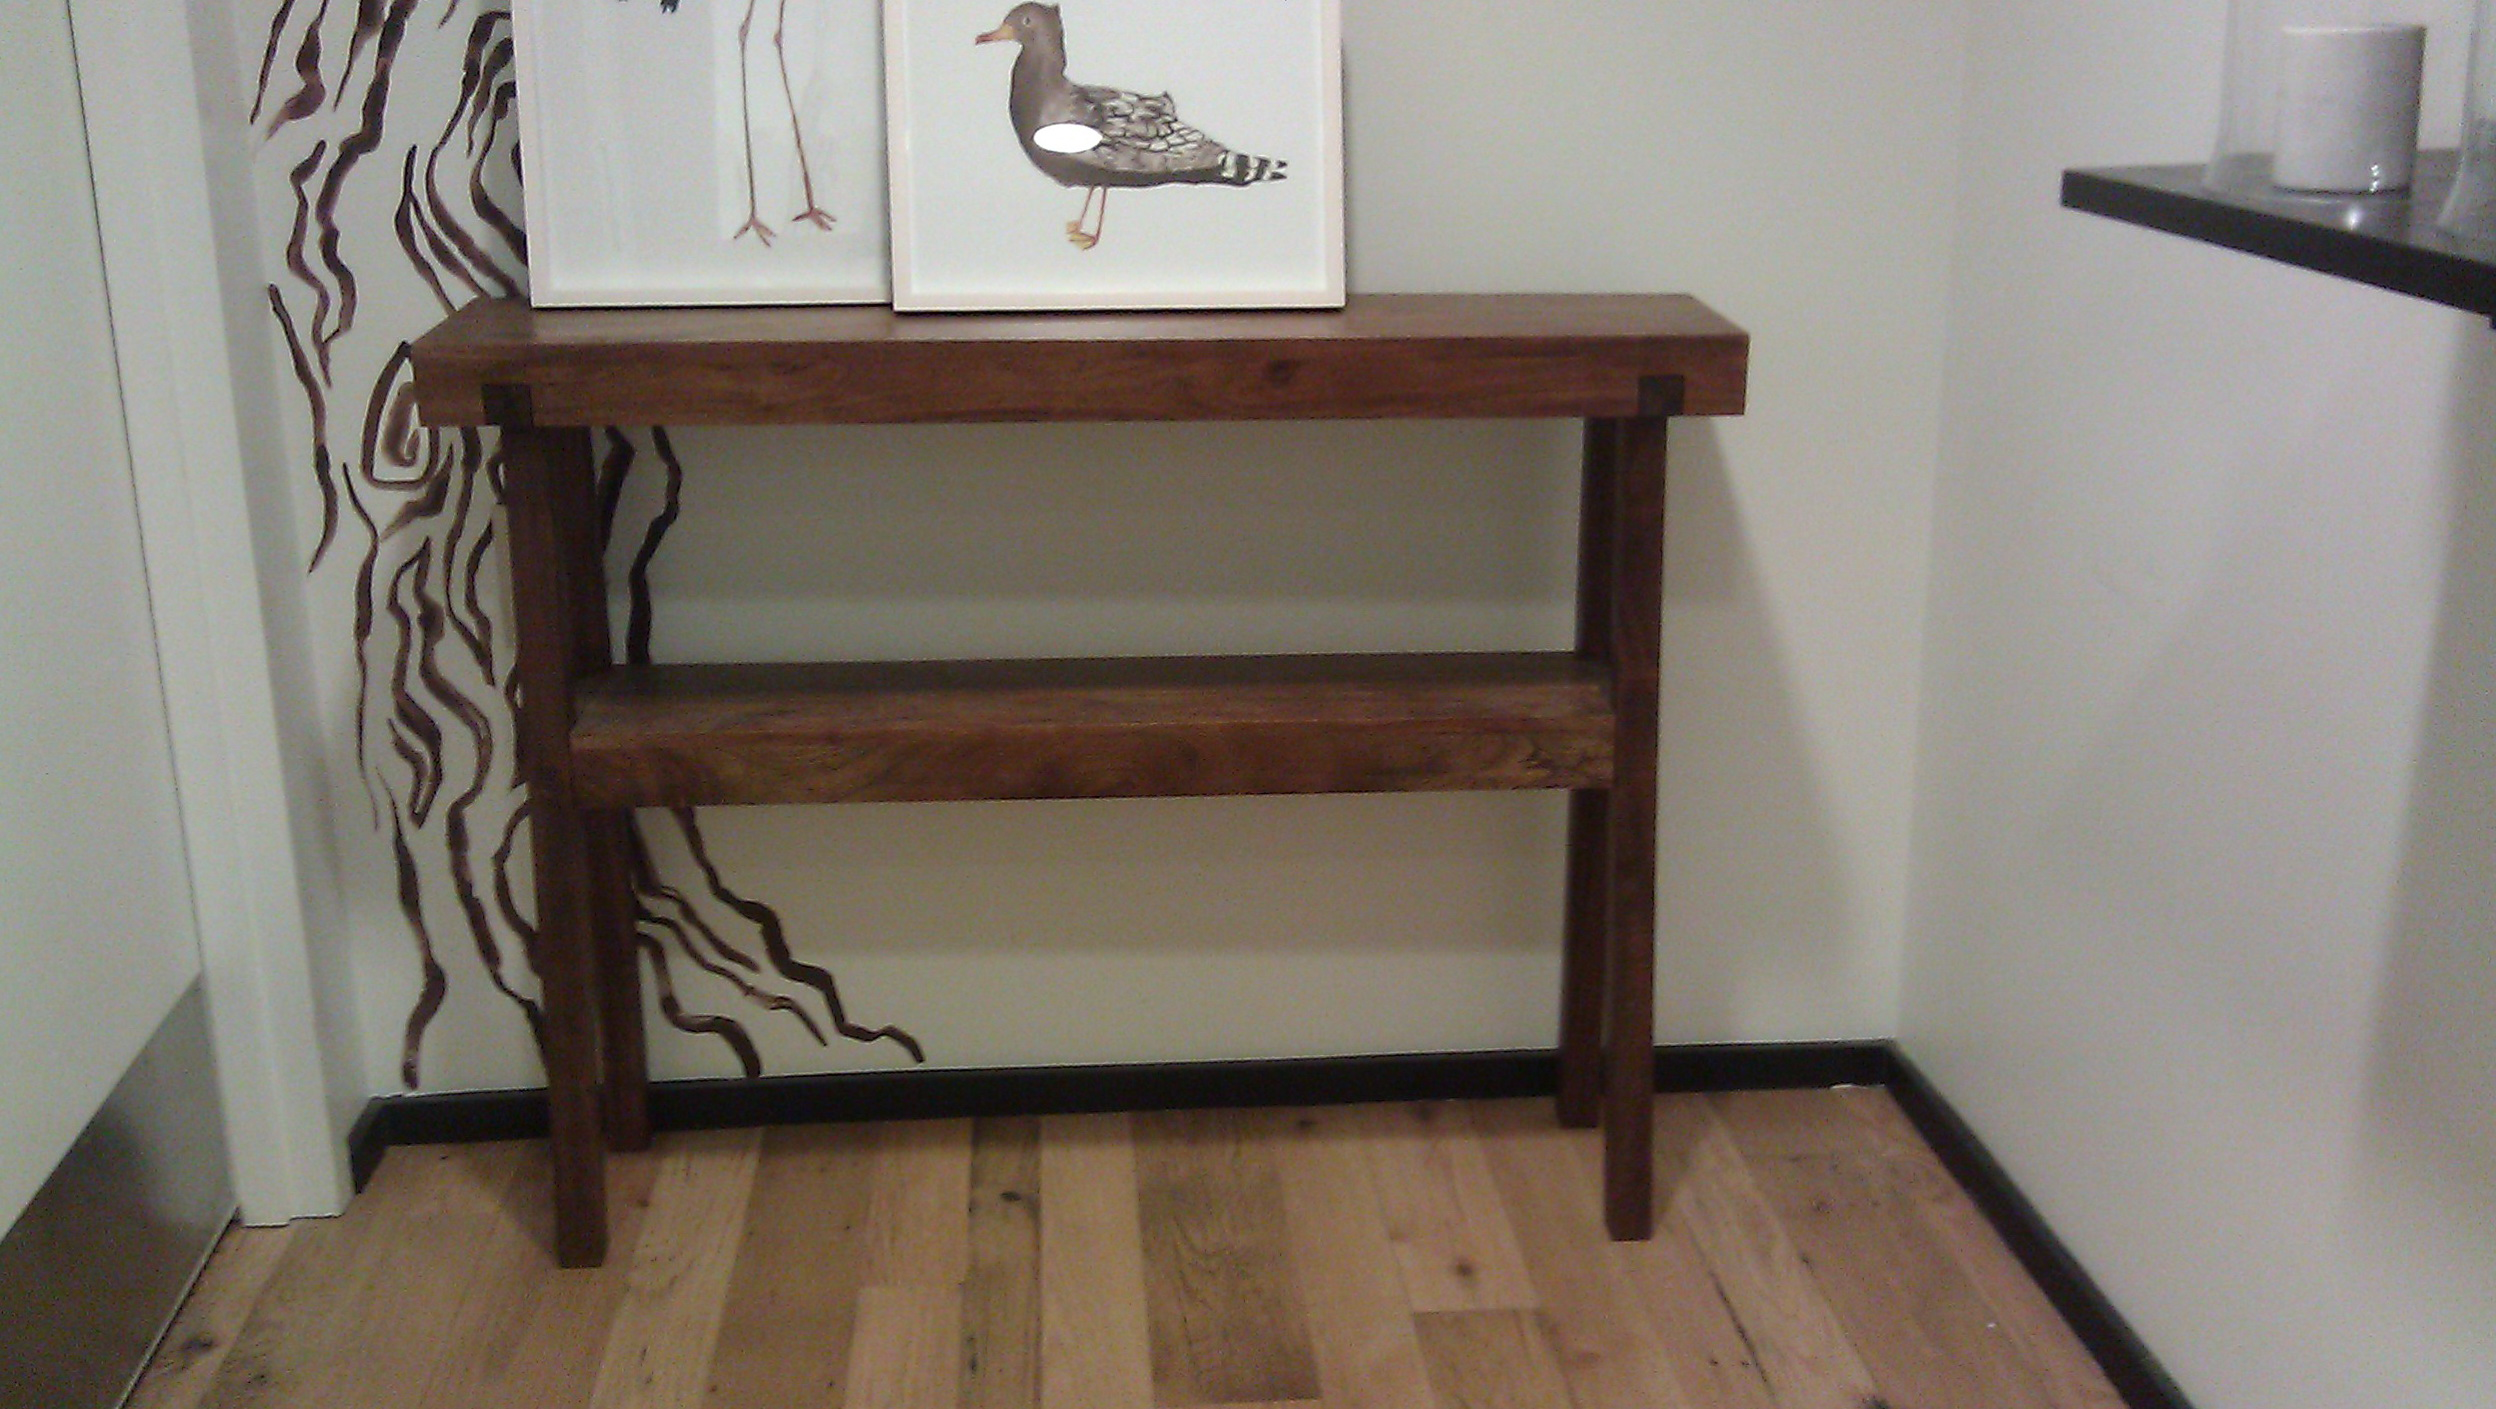 Parsons Console Table West Elm Home Design Ideas - West elm parsons console table